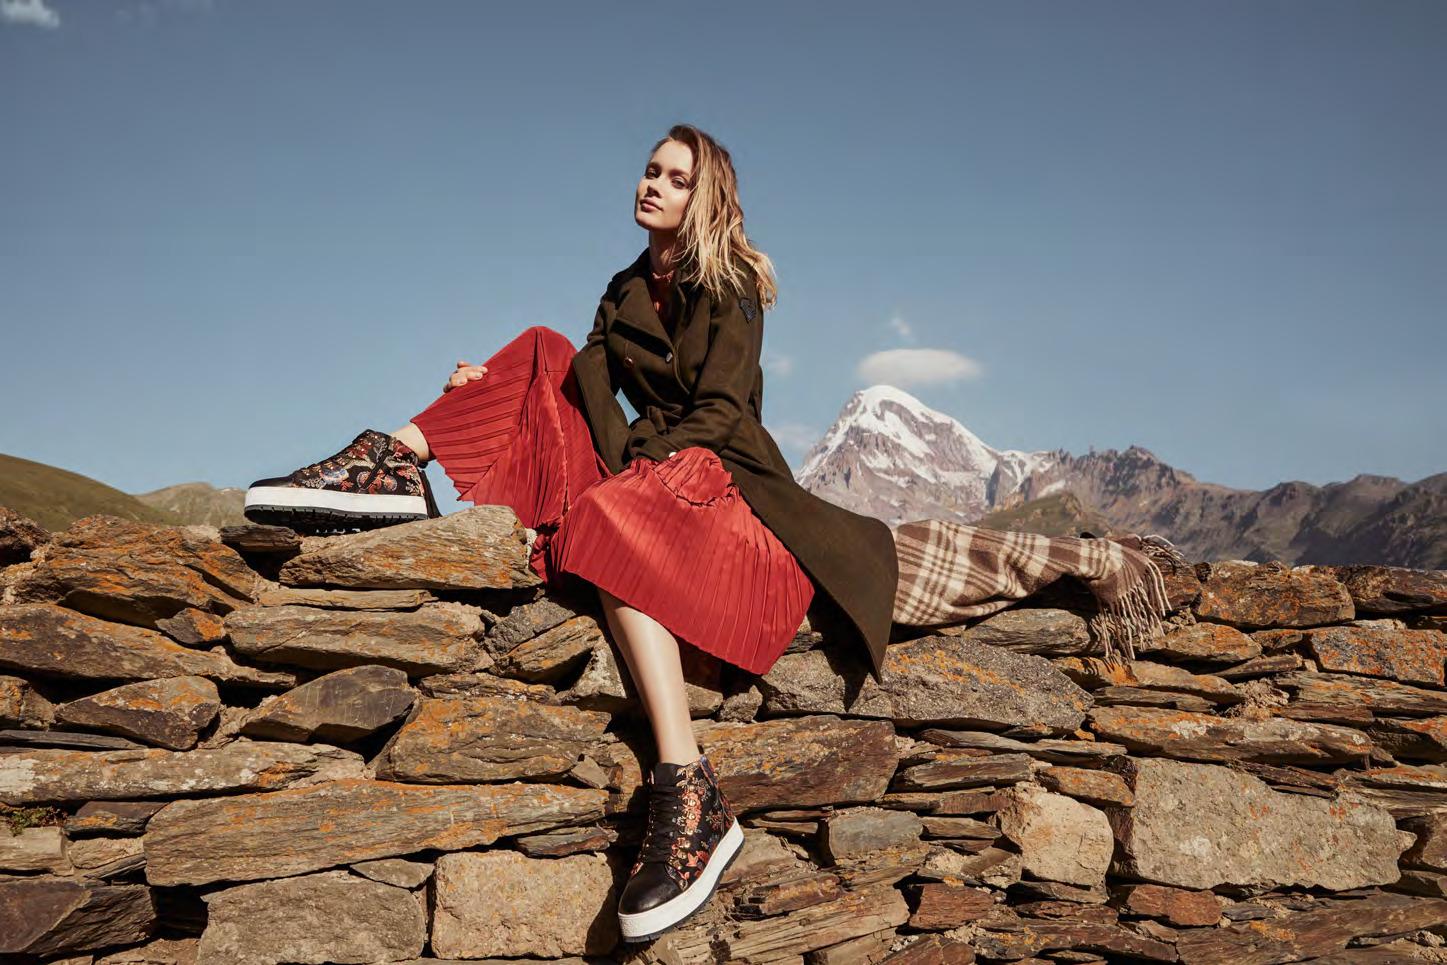 c2ad1341d kapriz39.ru - Осенне-зимняя коллекция обуви и аксессуаров Keddo